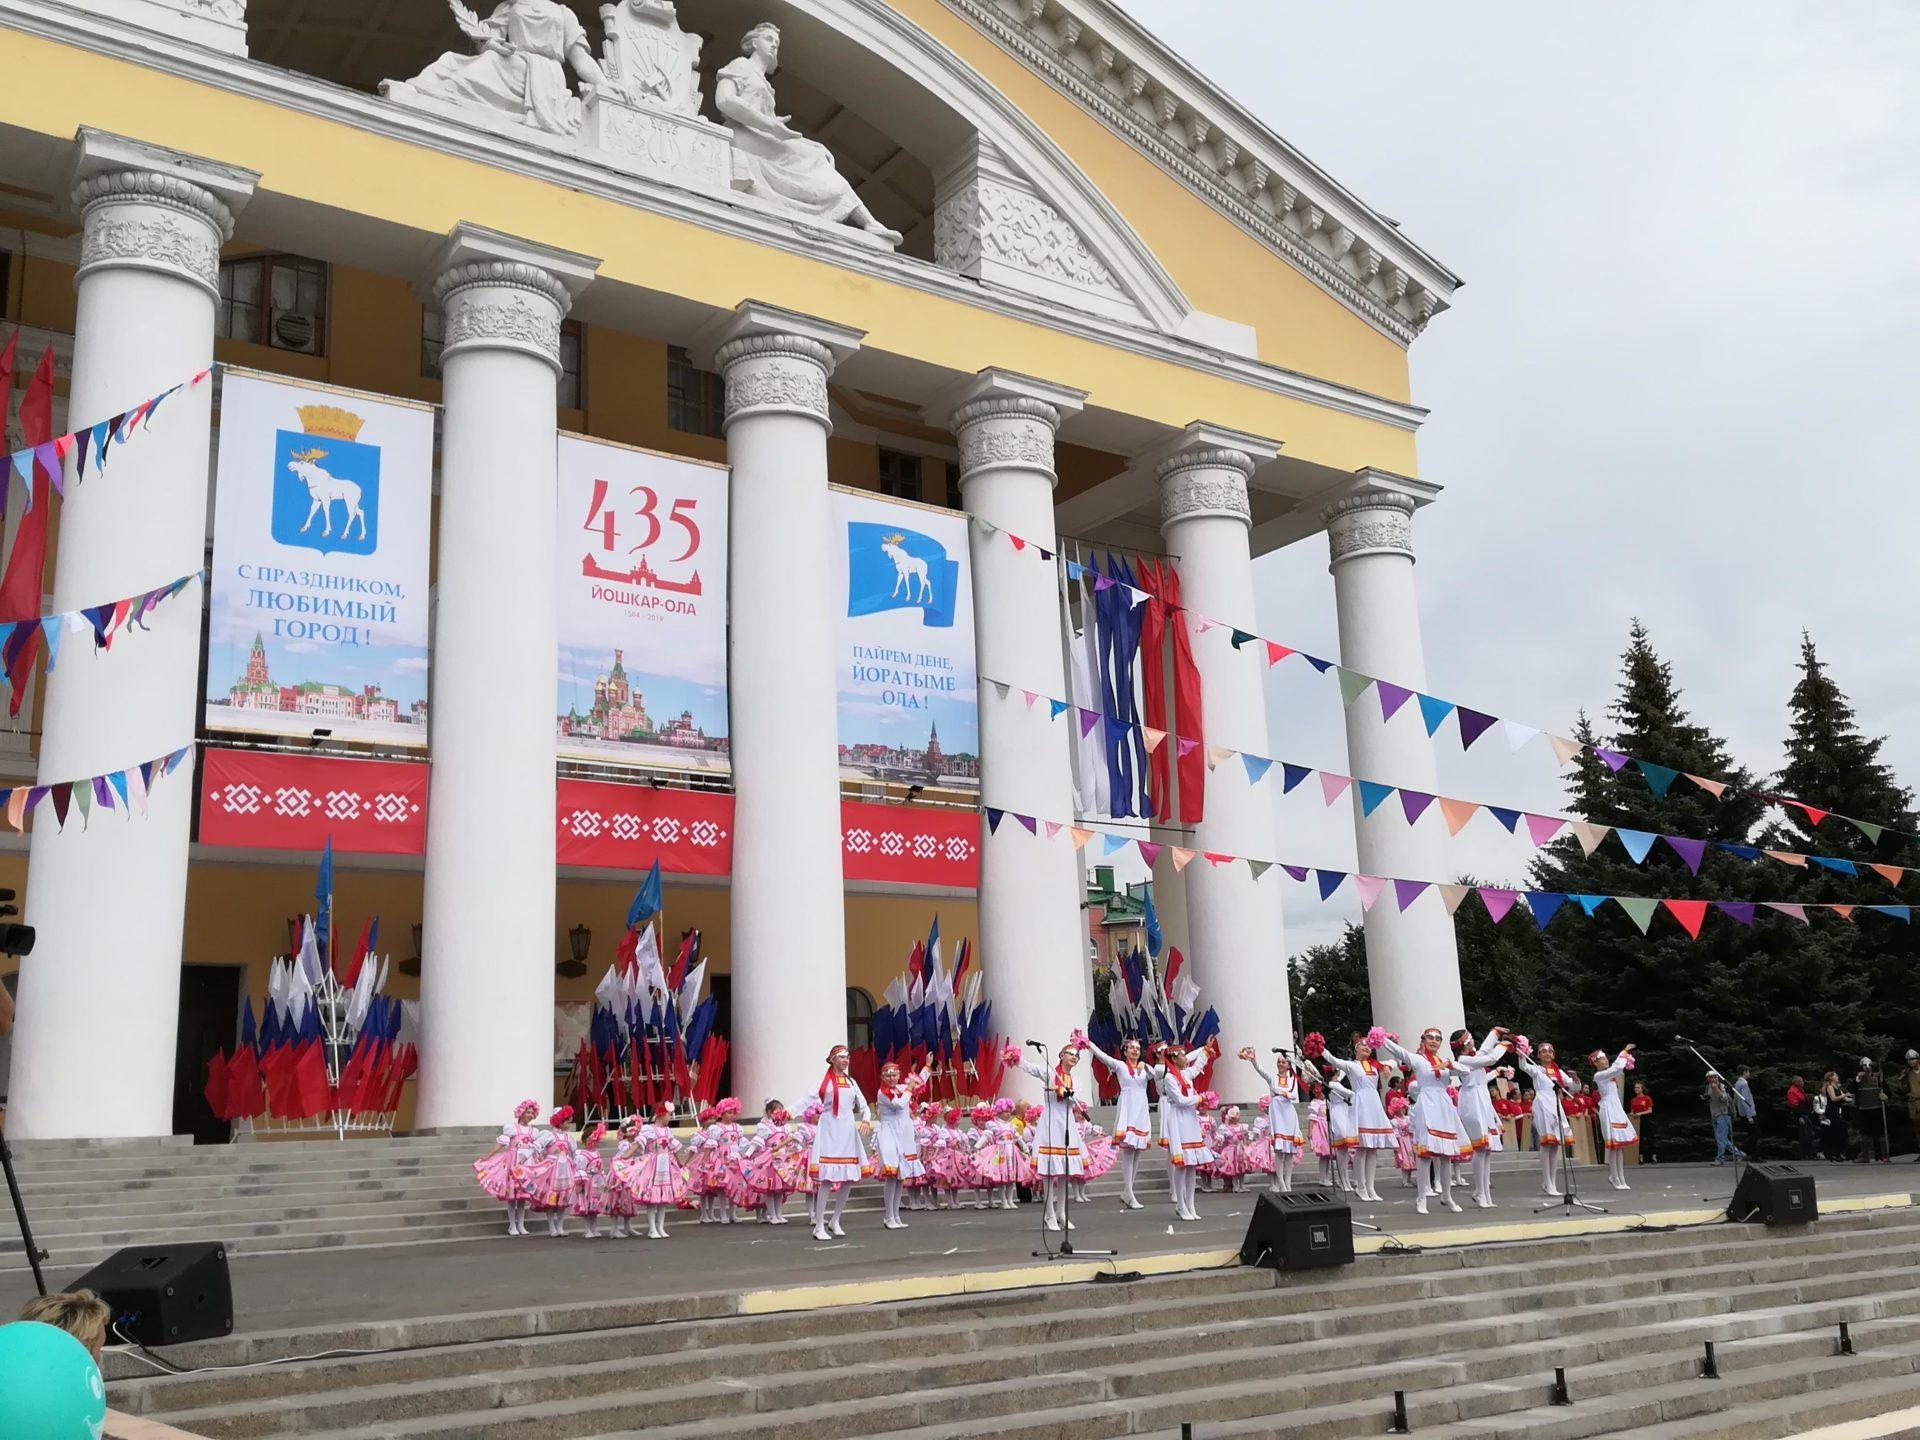 Коронавирусные ограничения стали причиной переноса празднования Дня города Йошкар-Олы